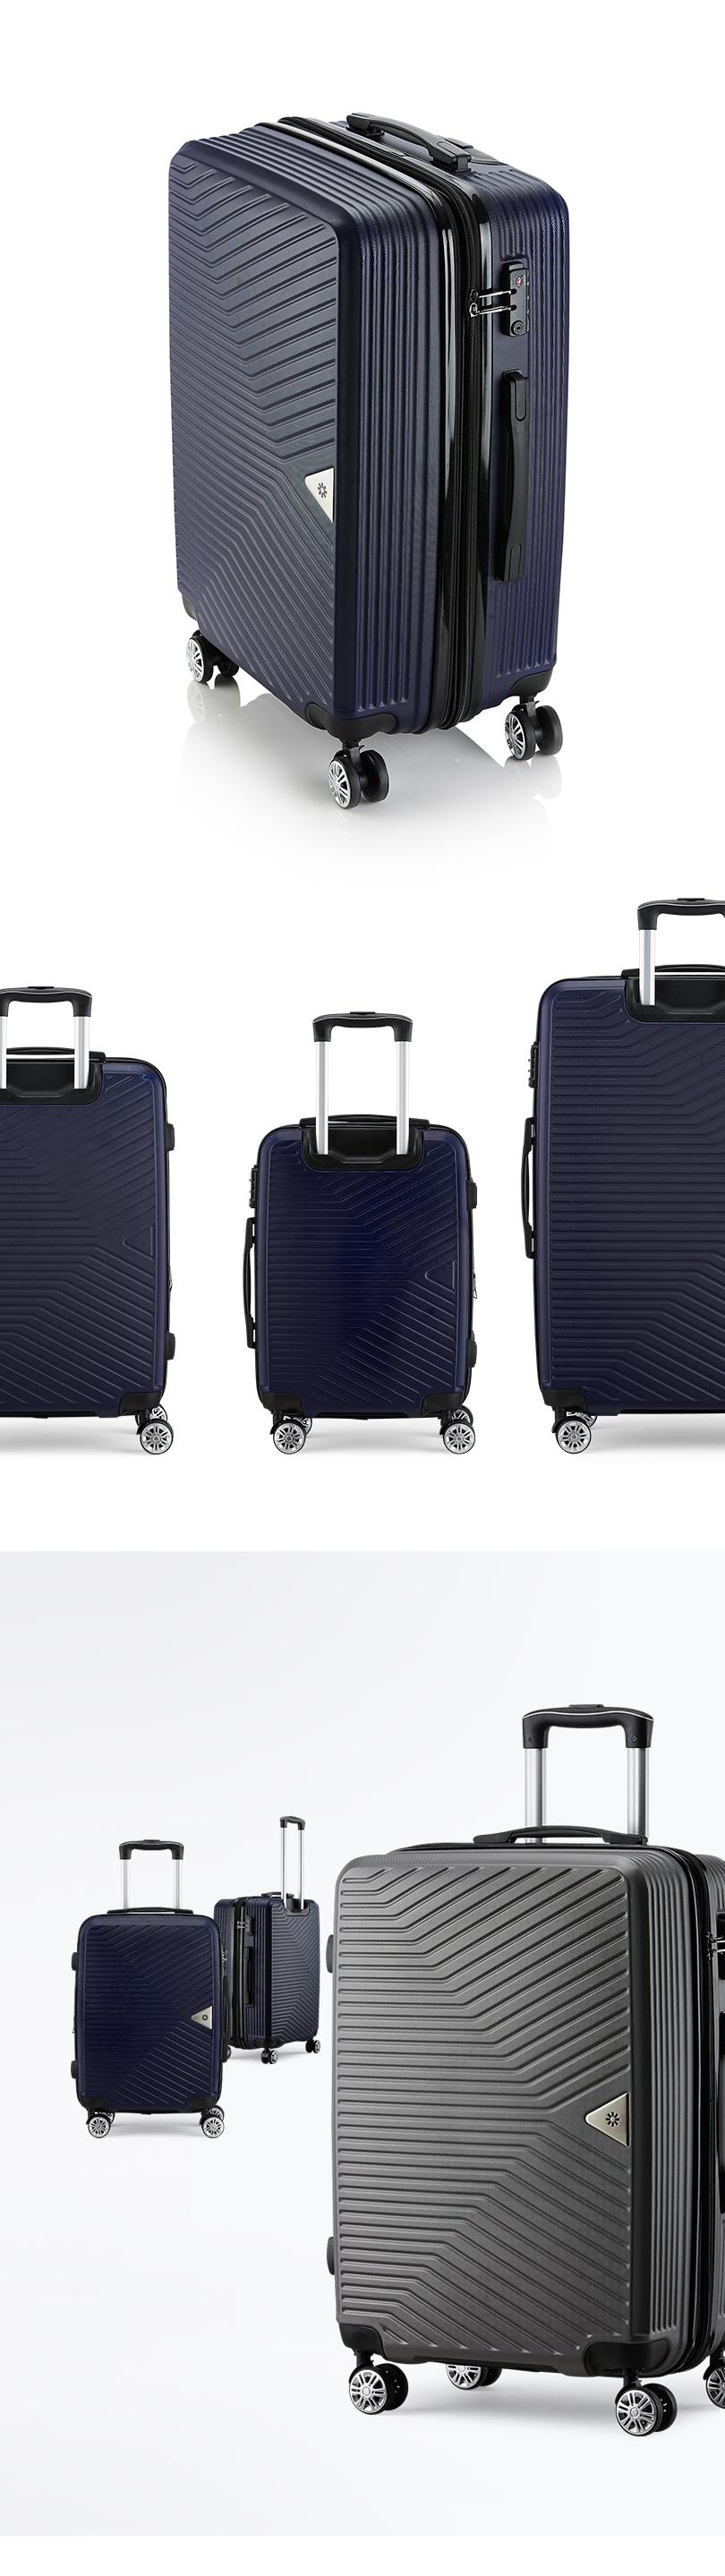 브라이튼 콜딘 24인치 중형 여행용캐리어 여행가방 화물용 케리어 - 브라이튼, 49,900원, 하드형, 대형(25형) 이상